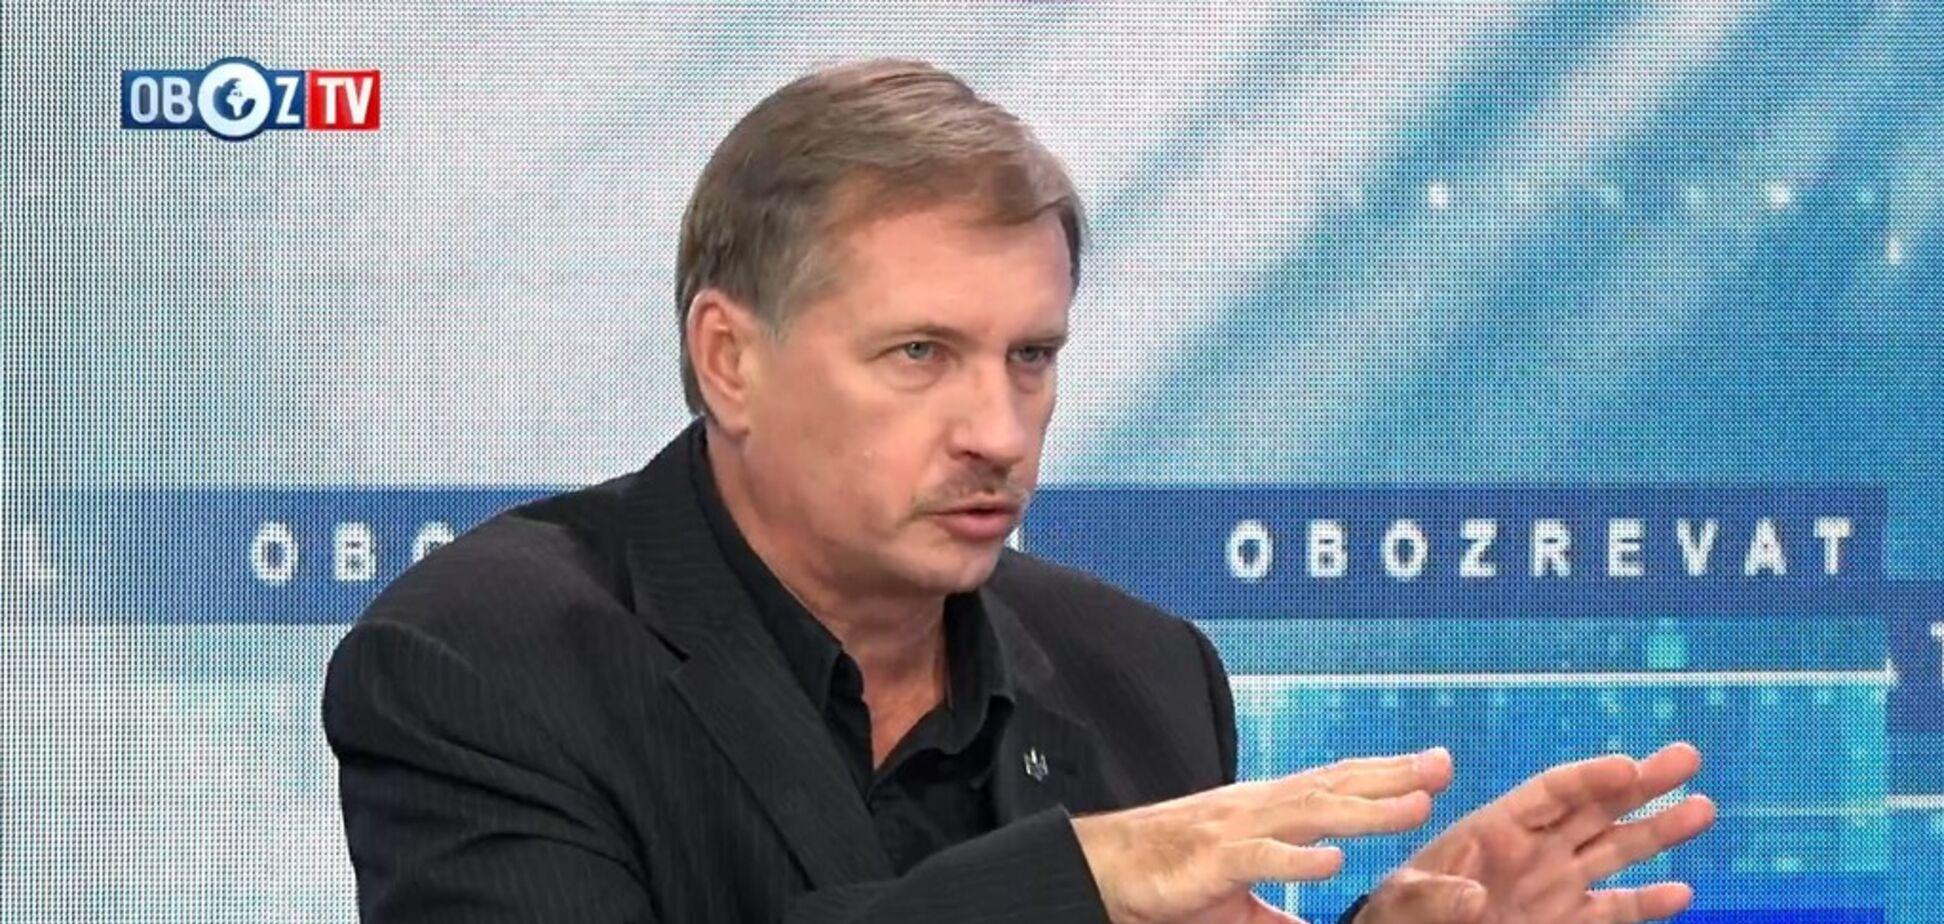 Продюсер Зеленский продолжает снимать свой сериал об Украине: Тарас Чорновил